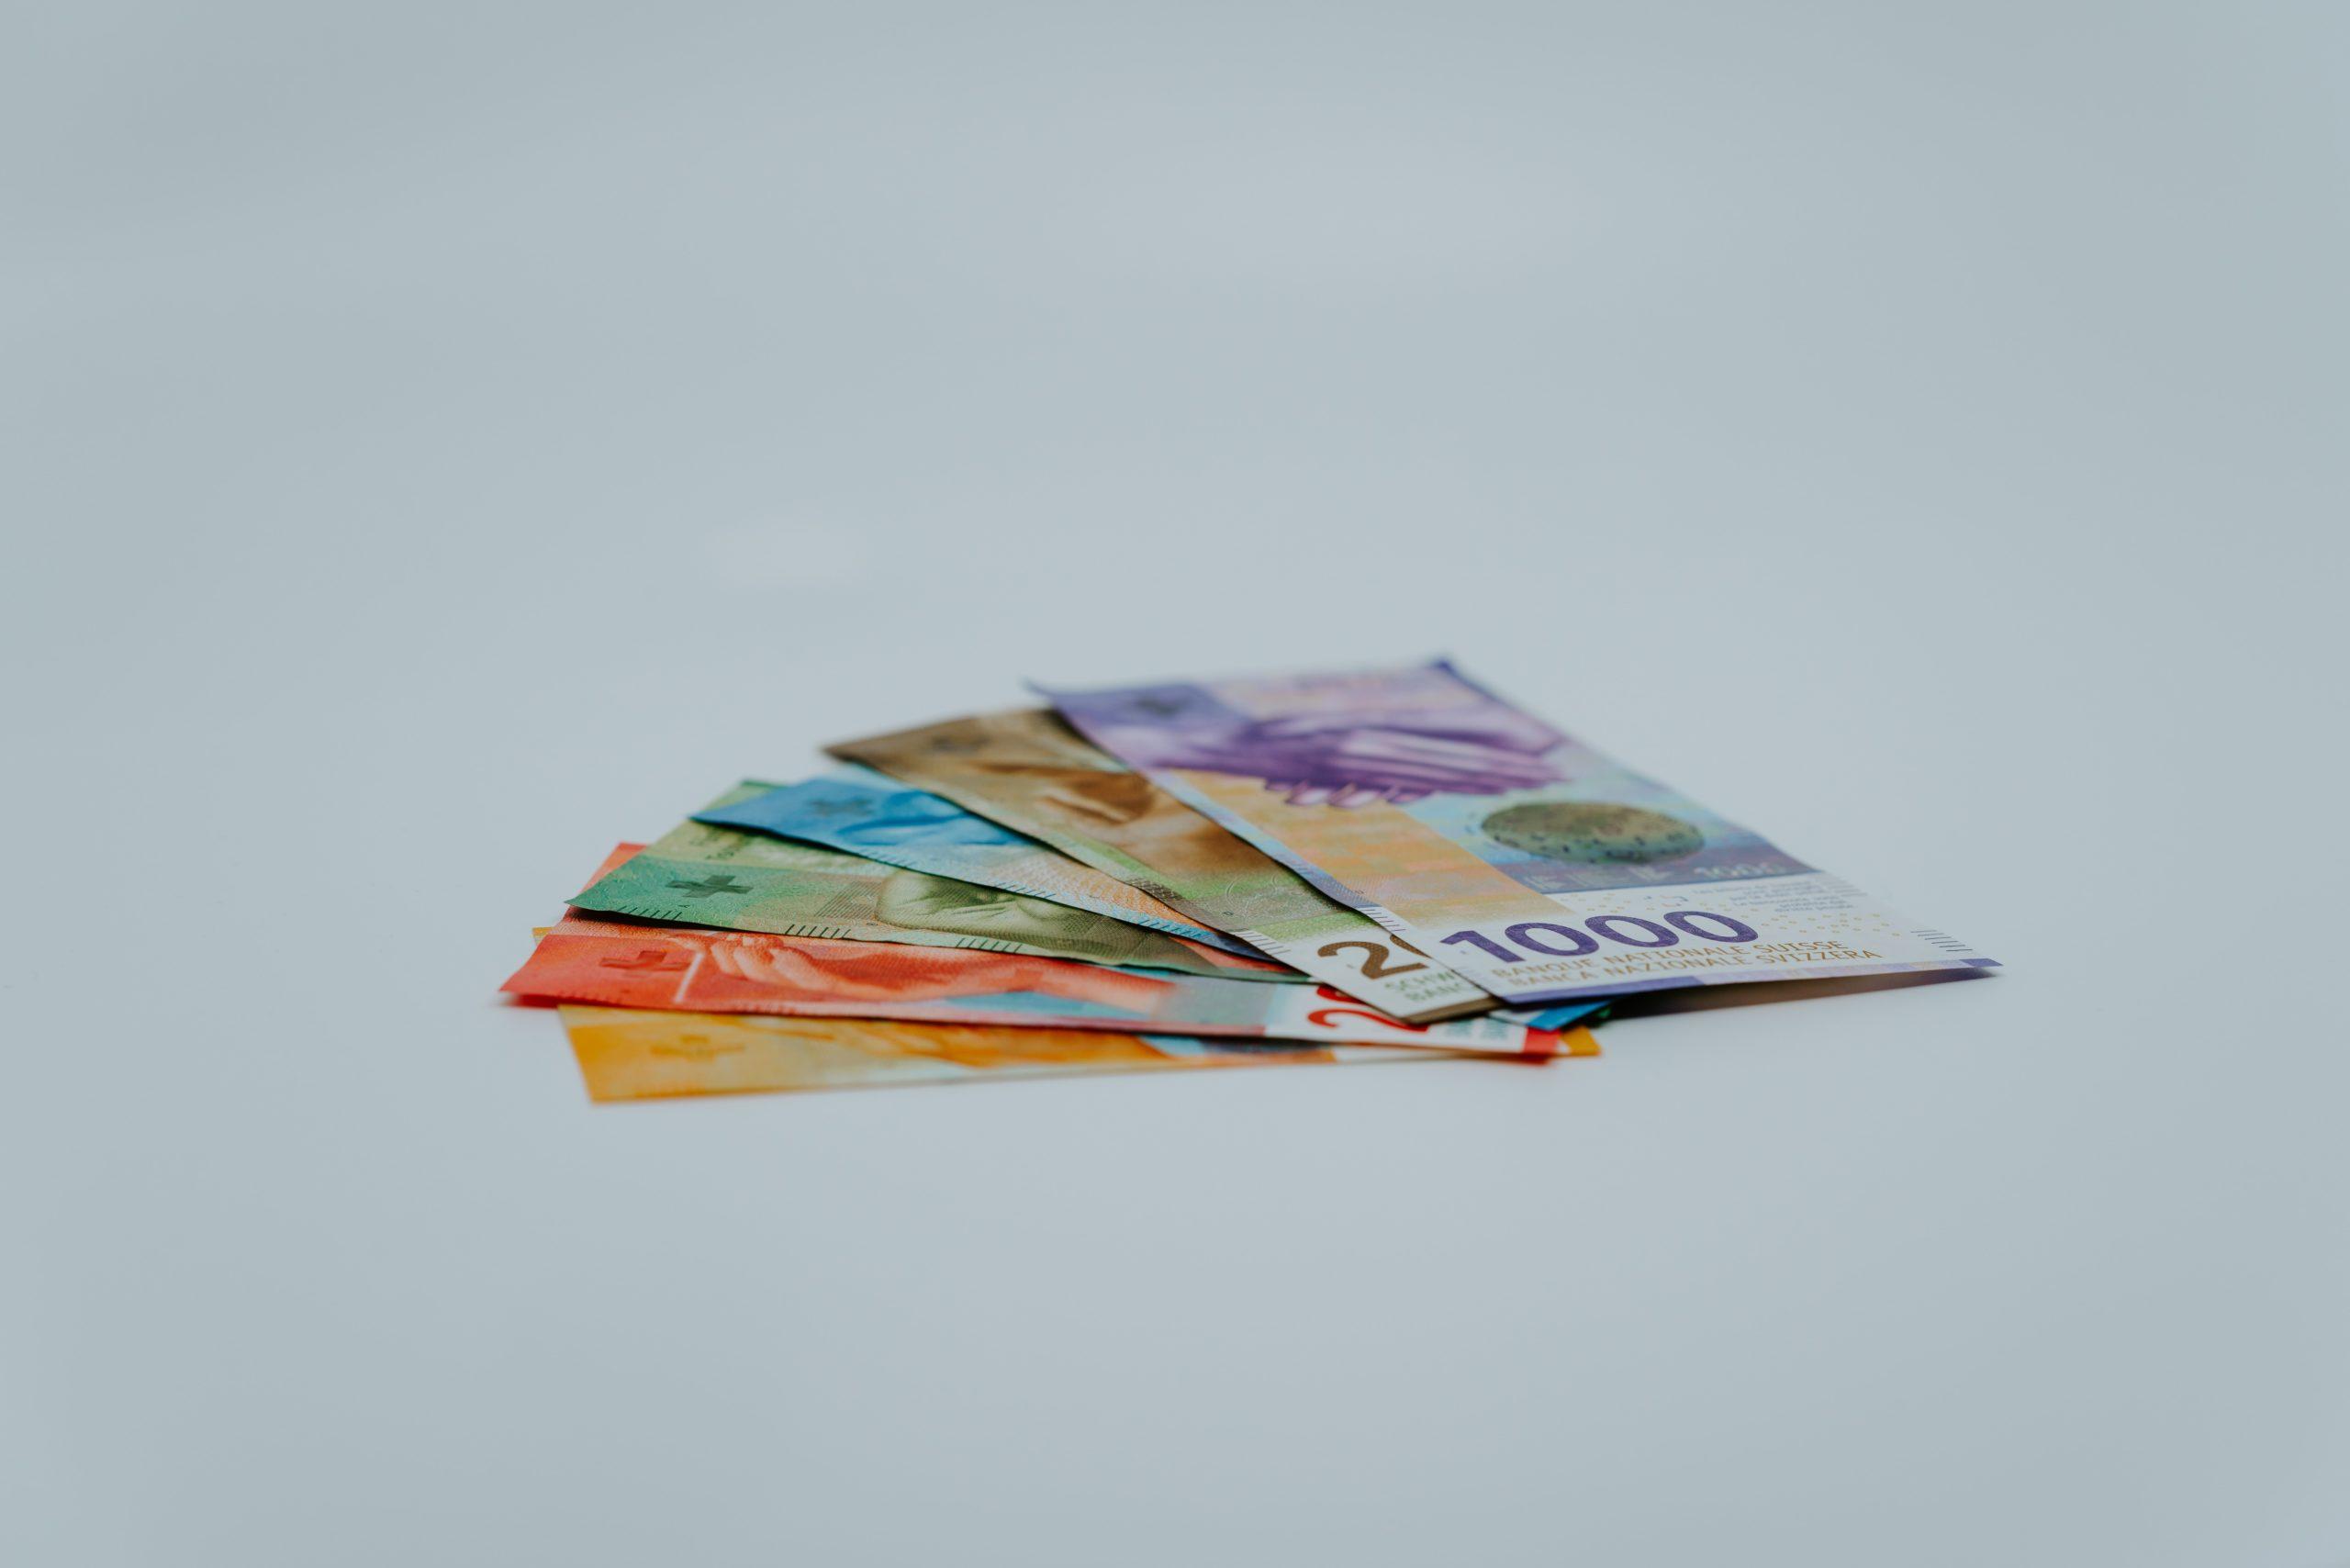 Le financement de l'entreprise (cautionnement, crédits bancaires, leasing)